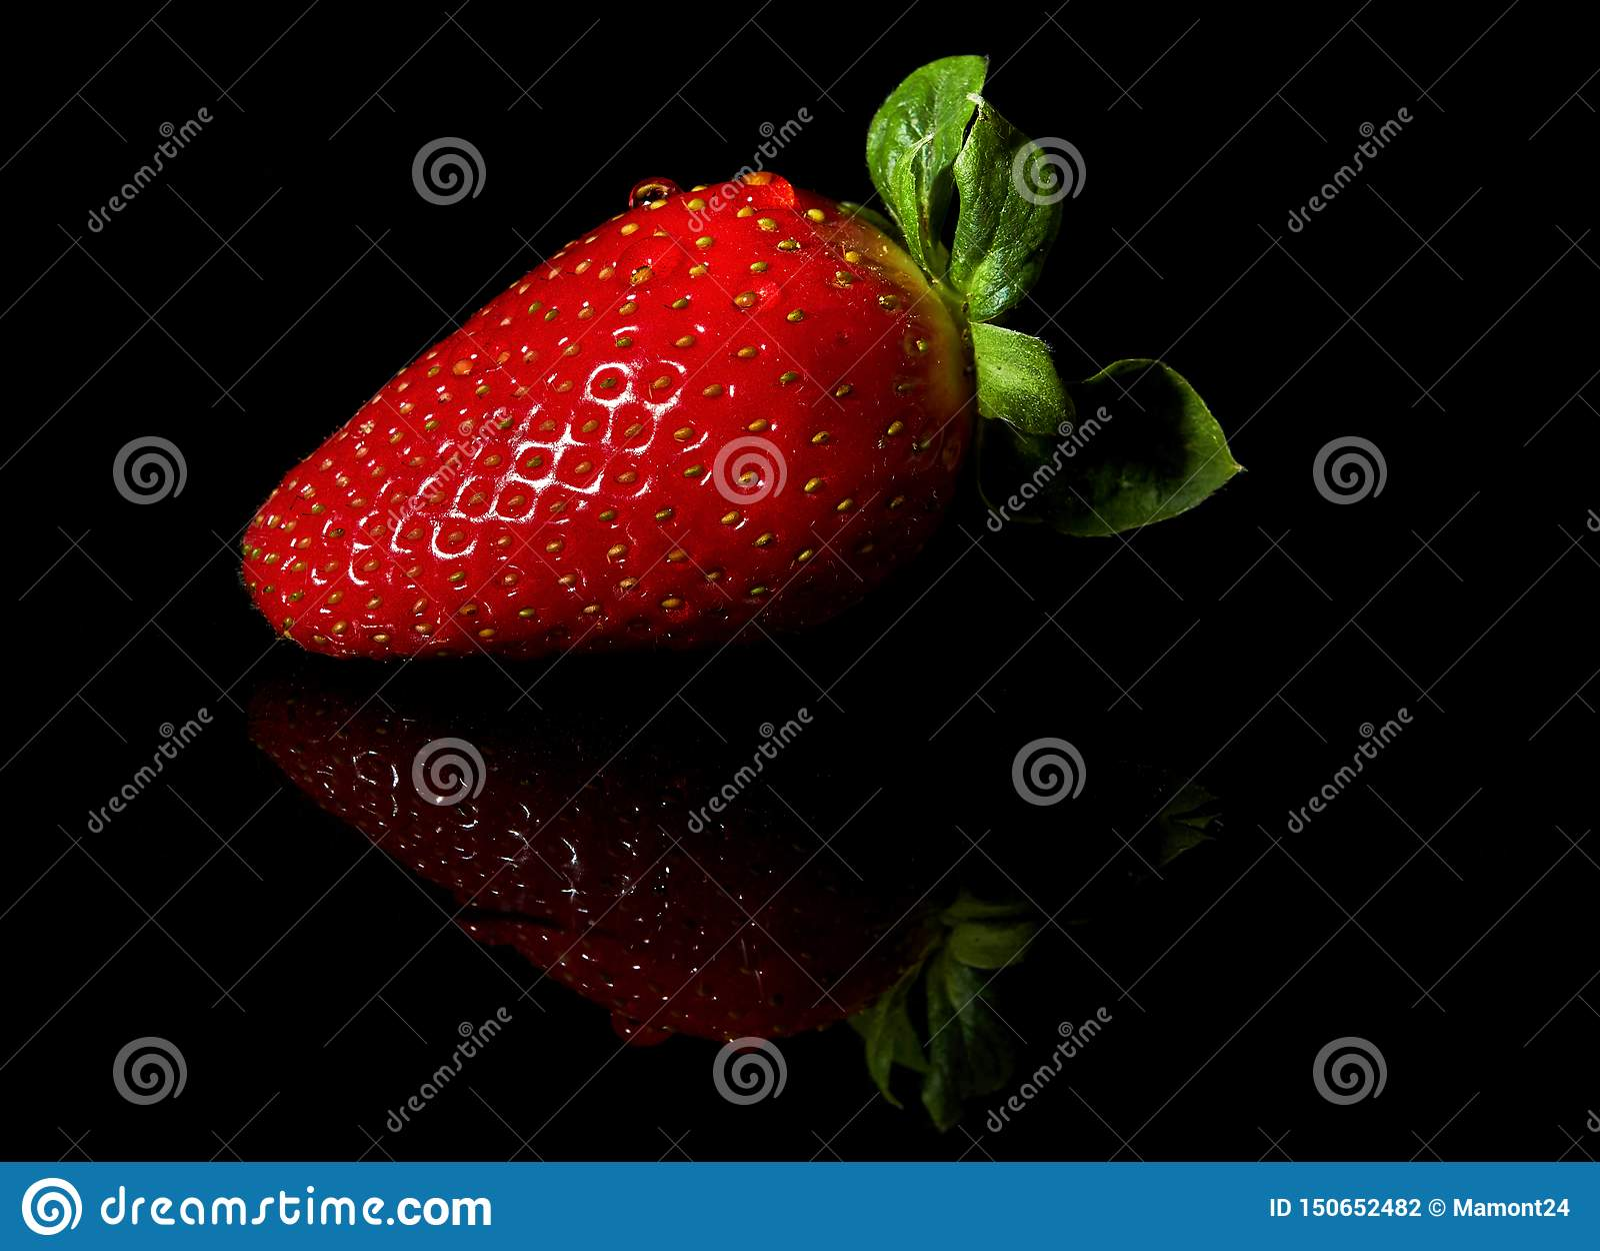 Fresas jugosas y maduras en un fondo negro